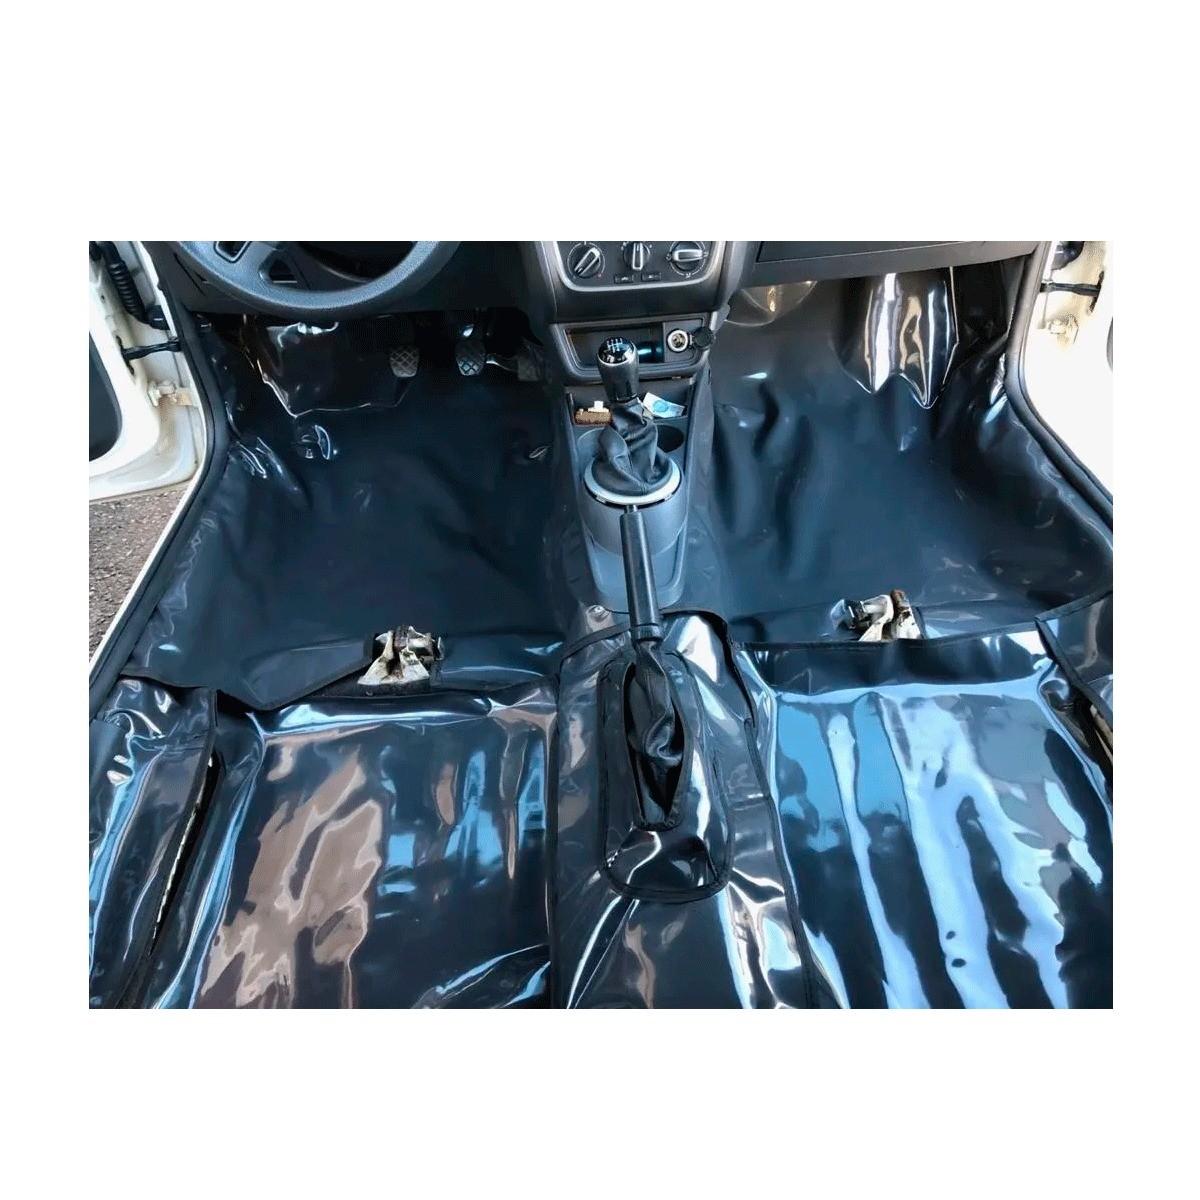 Tapete Proteção Assoalho do Renault Logan 2008 a 2012 em Vinil Verniz Impermeável